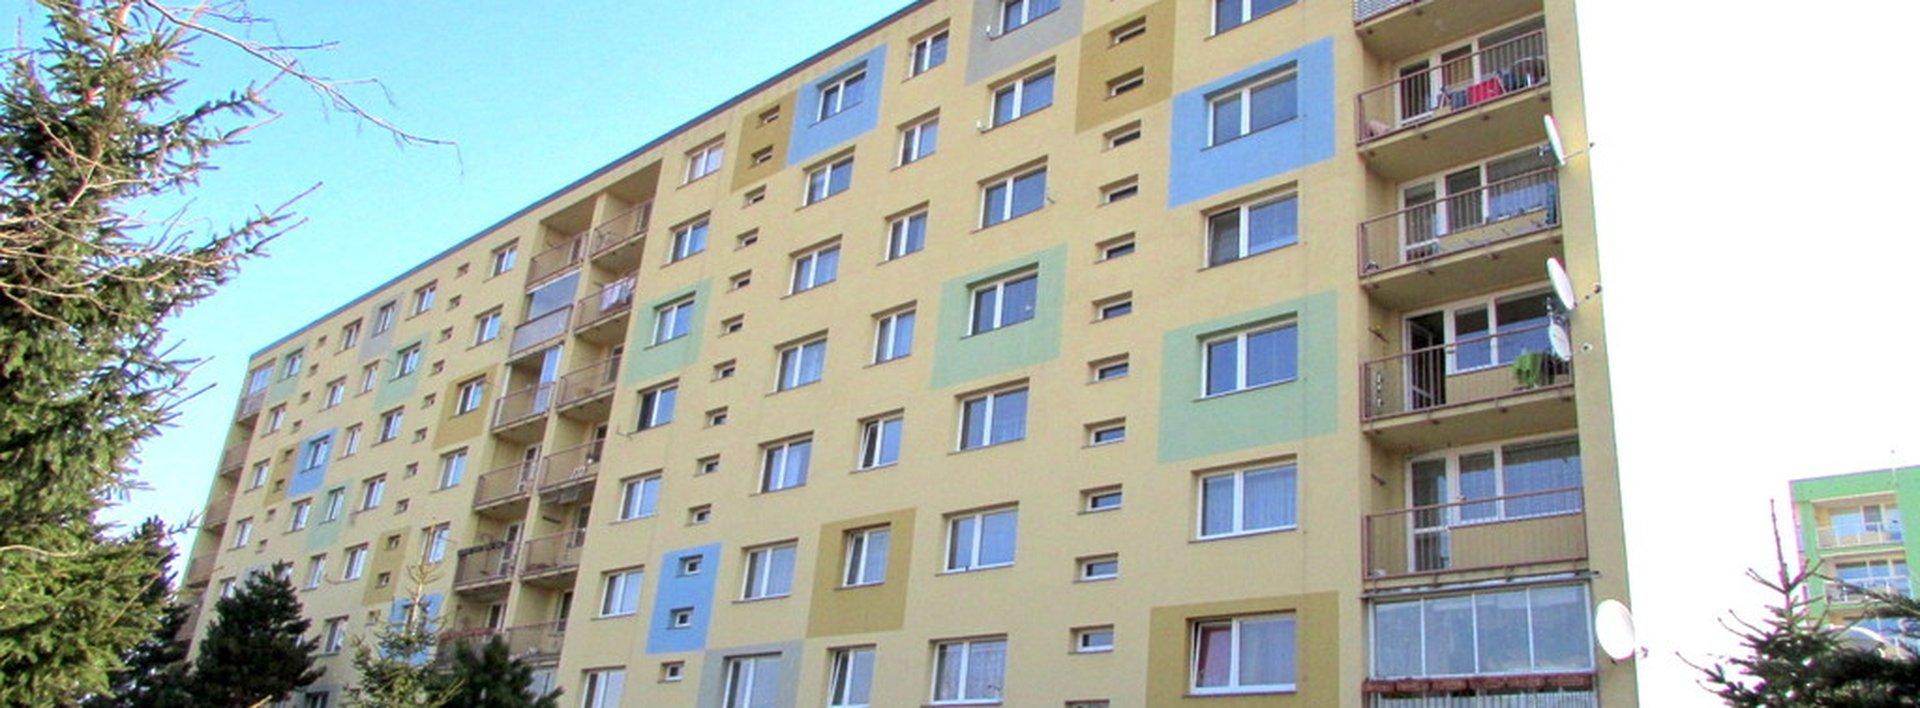 Prodej bytu 3+1 s lodžíí a výhledem na Ještěd, 70 m² - Starý Harcov, Ev.č.: N47153